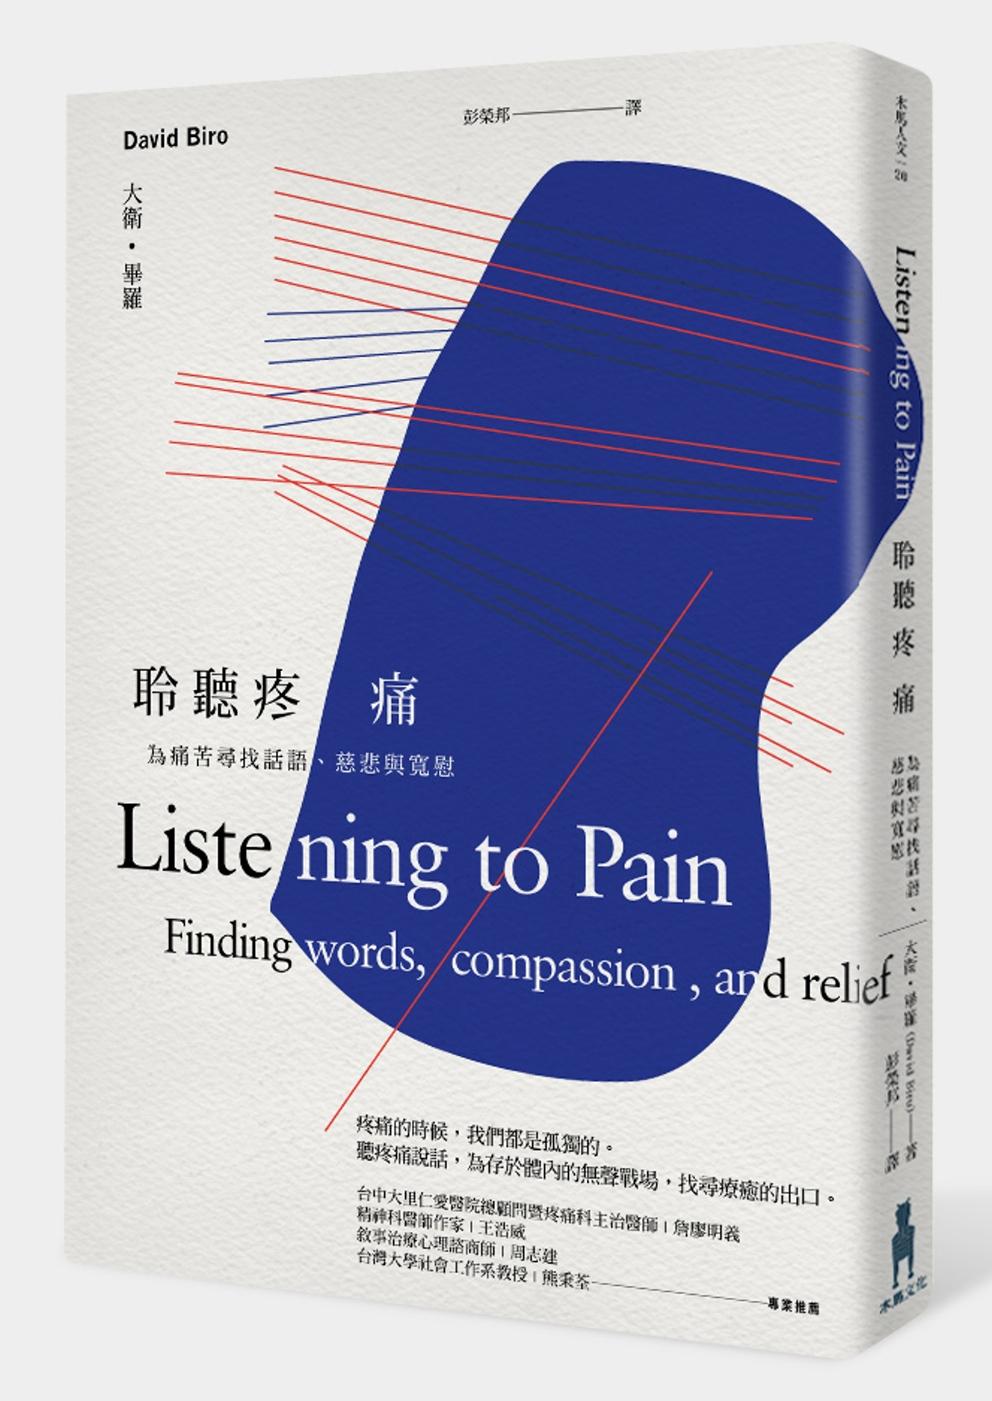 聆聽疼痛:為痛苦尋找話語、慈悲與寬慰